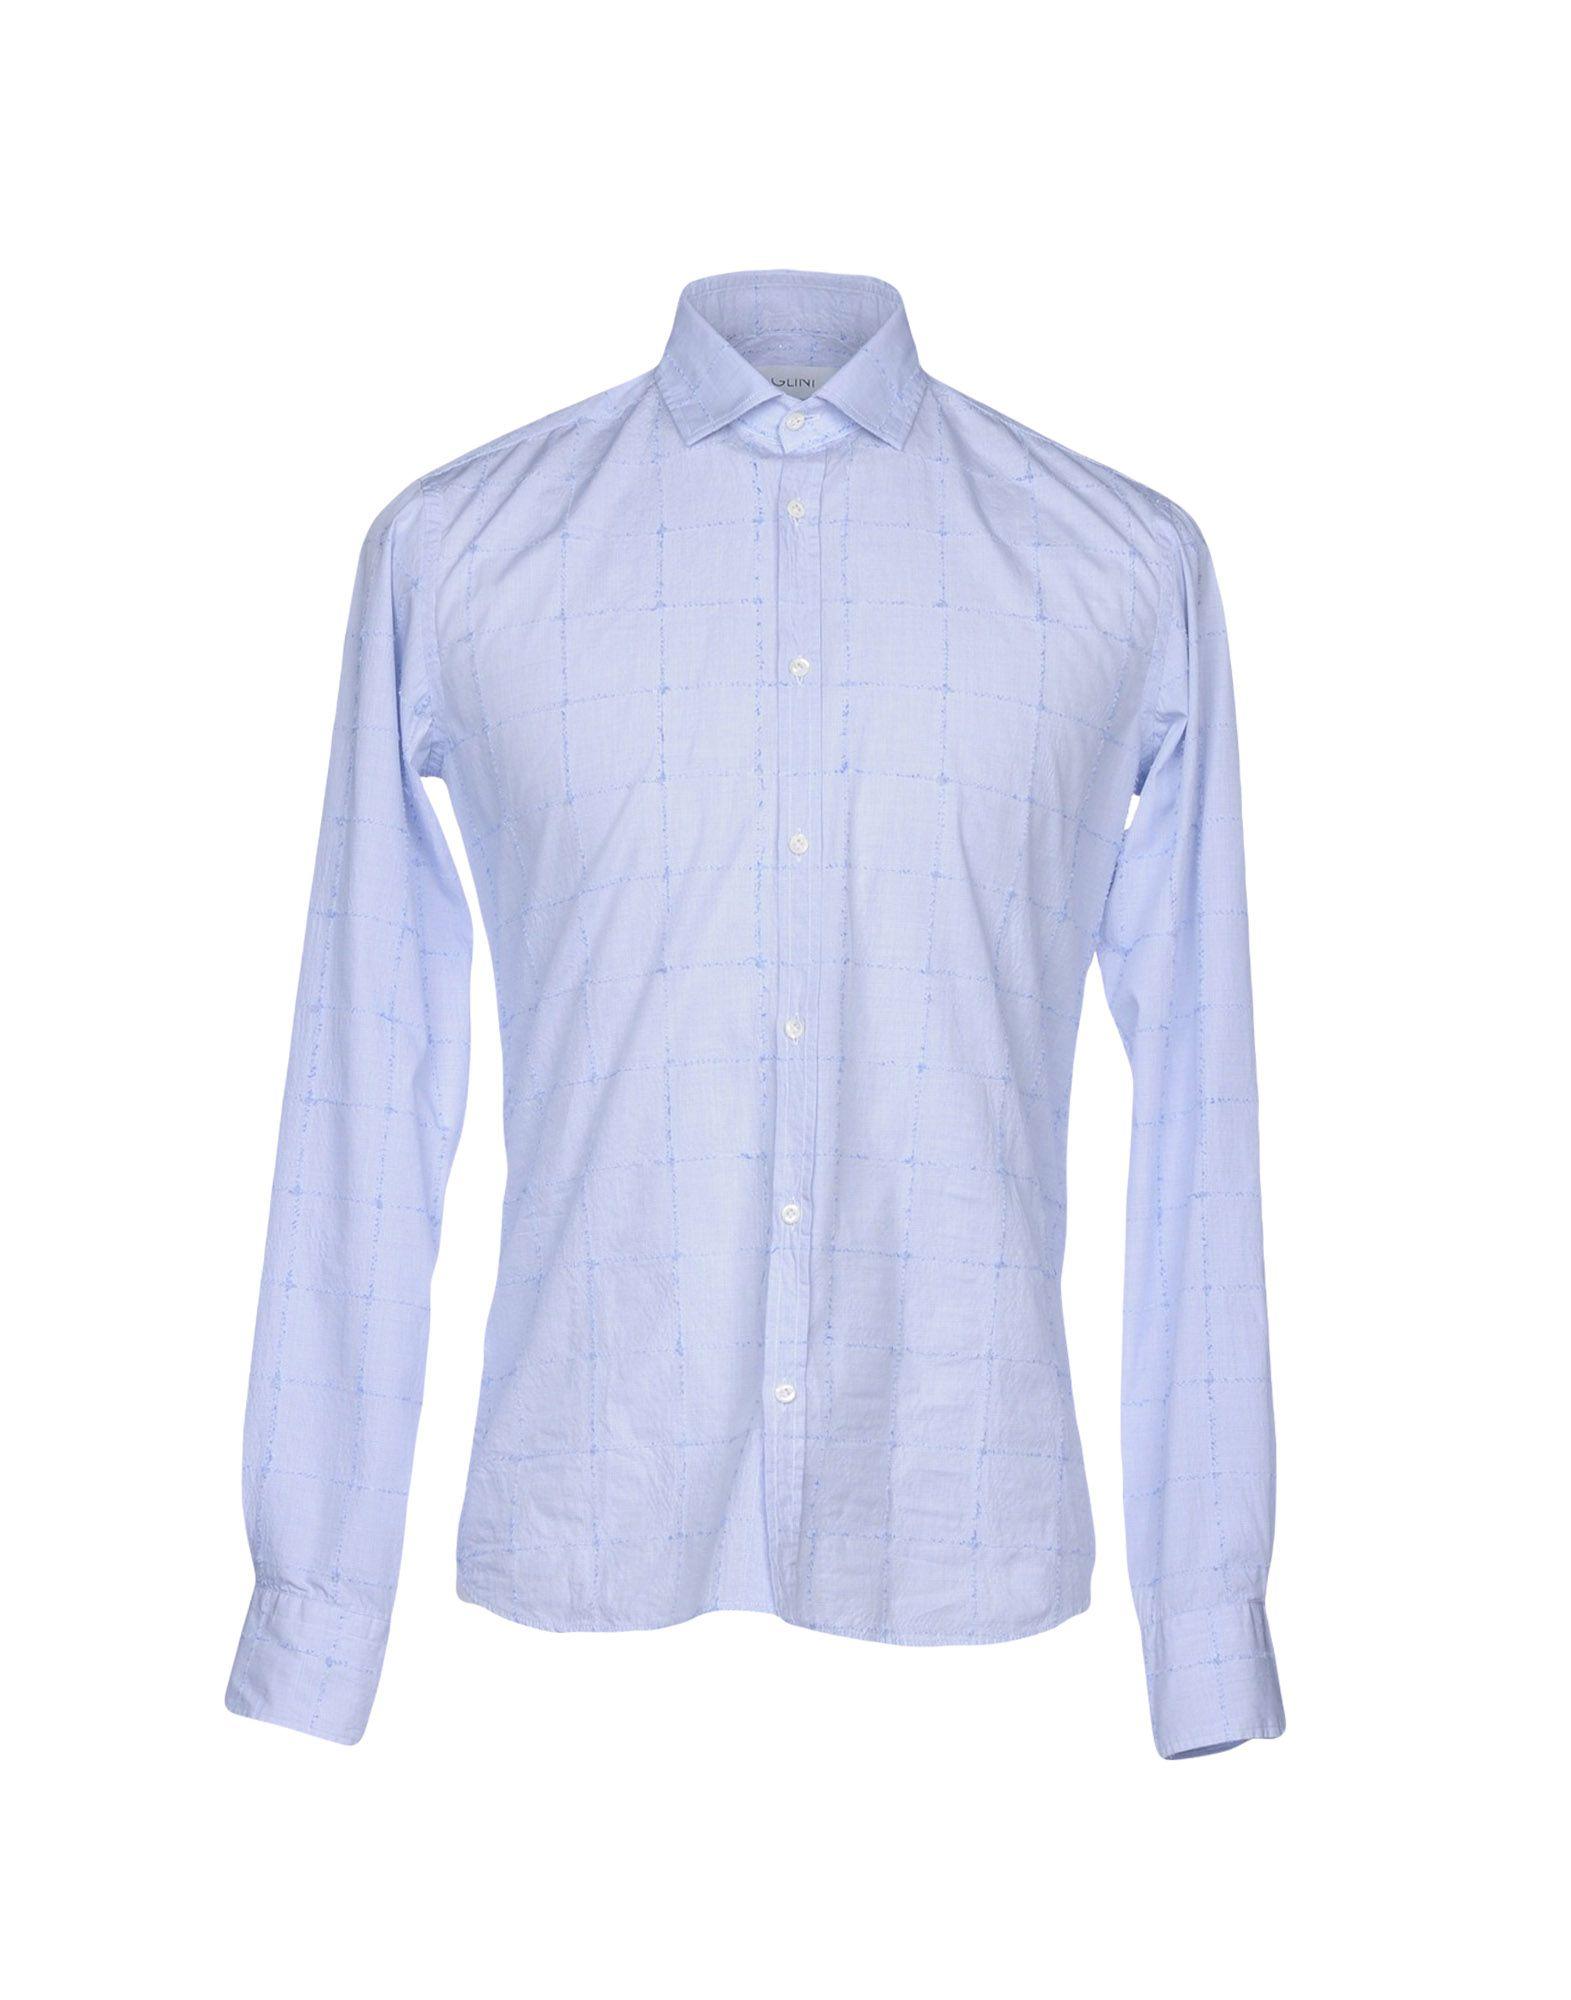 AGLINI Striped Shirt in Blue